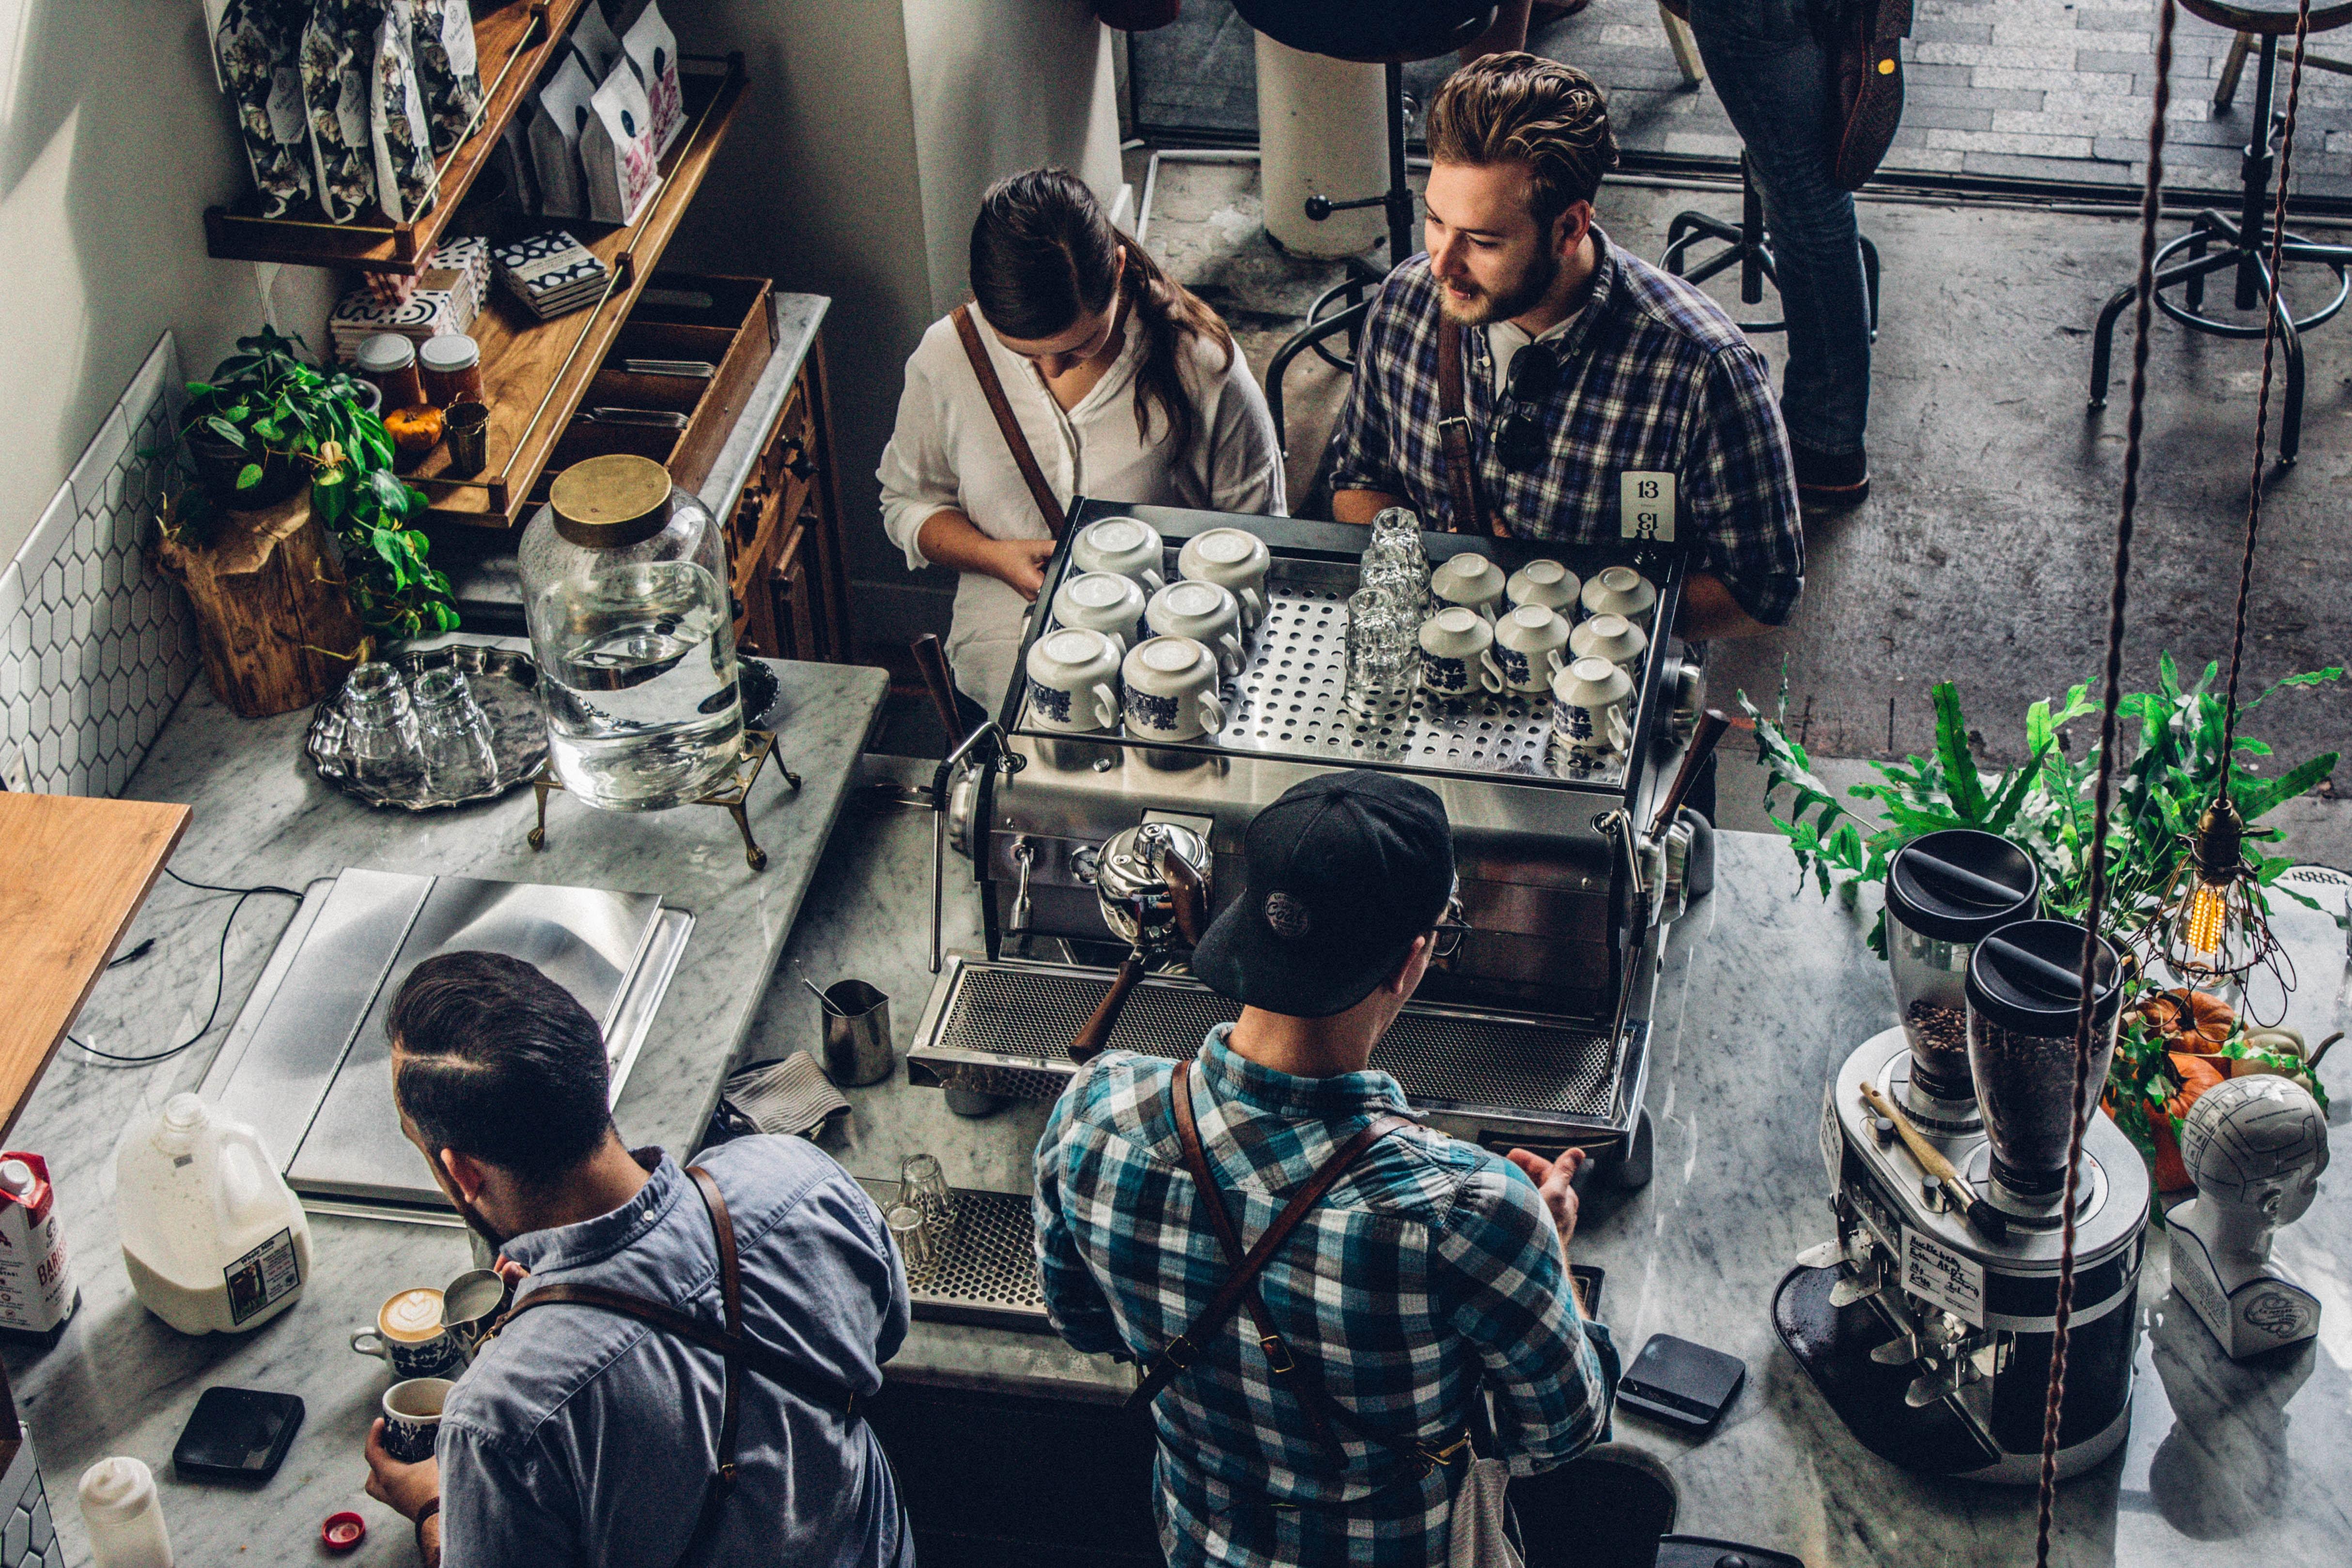 imagem da 3 tendências operacionais inovadoras para a indústria dos restaurantes